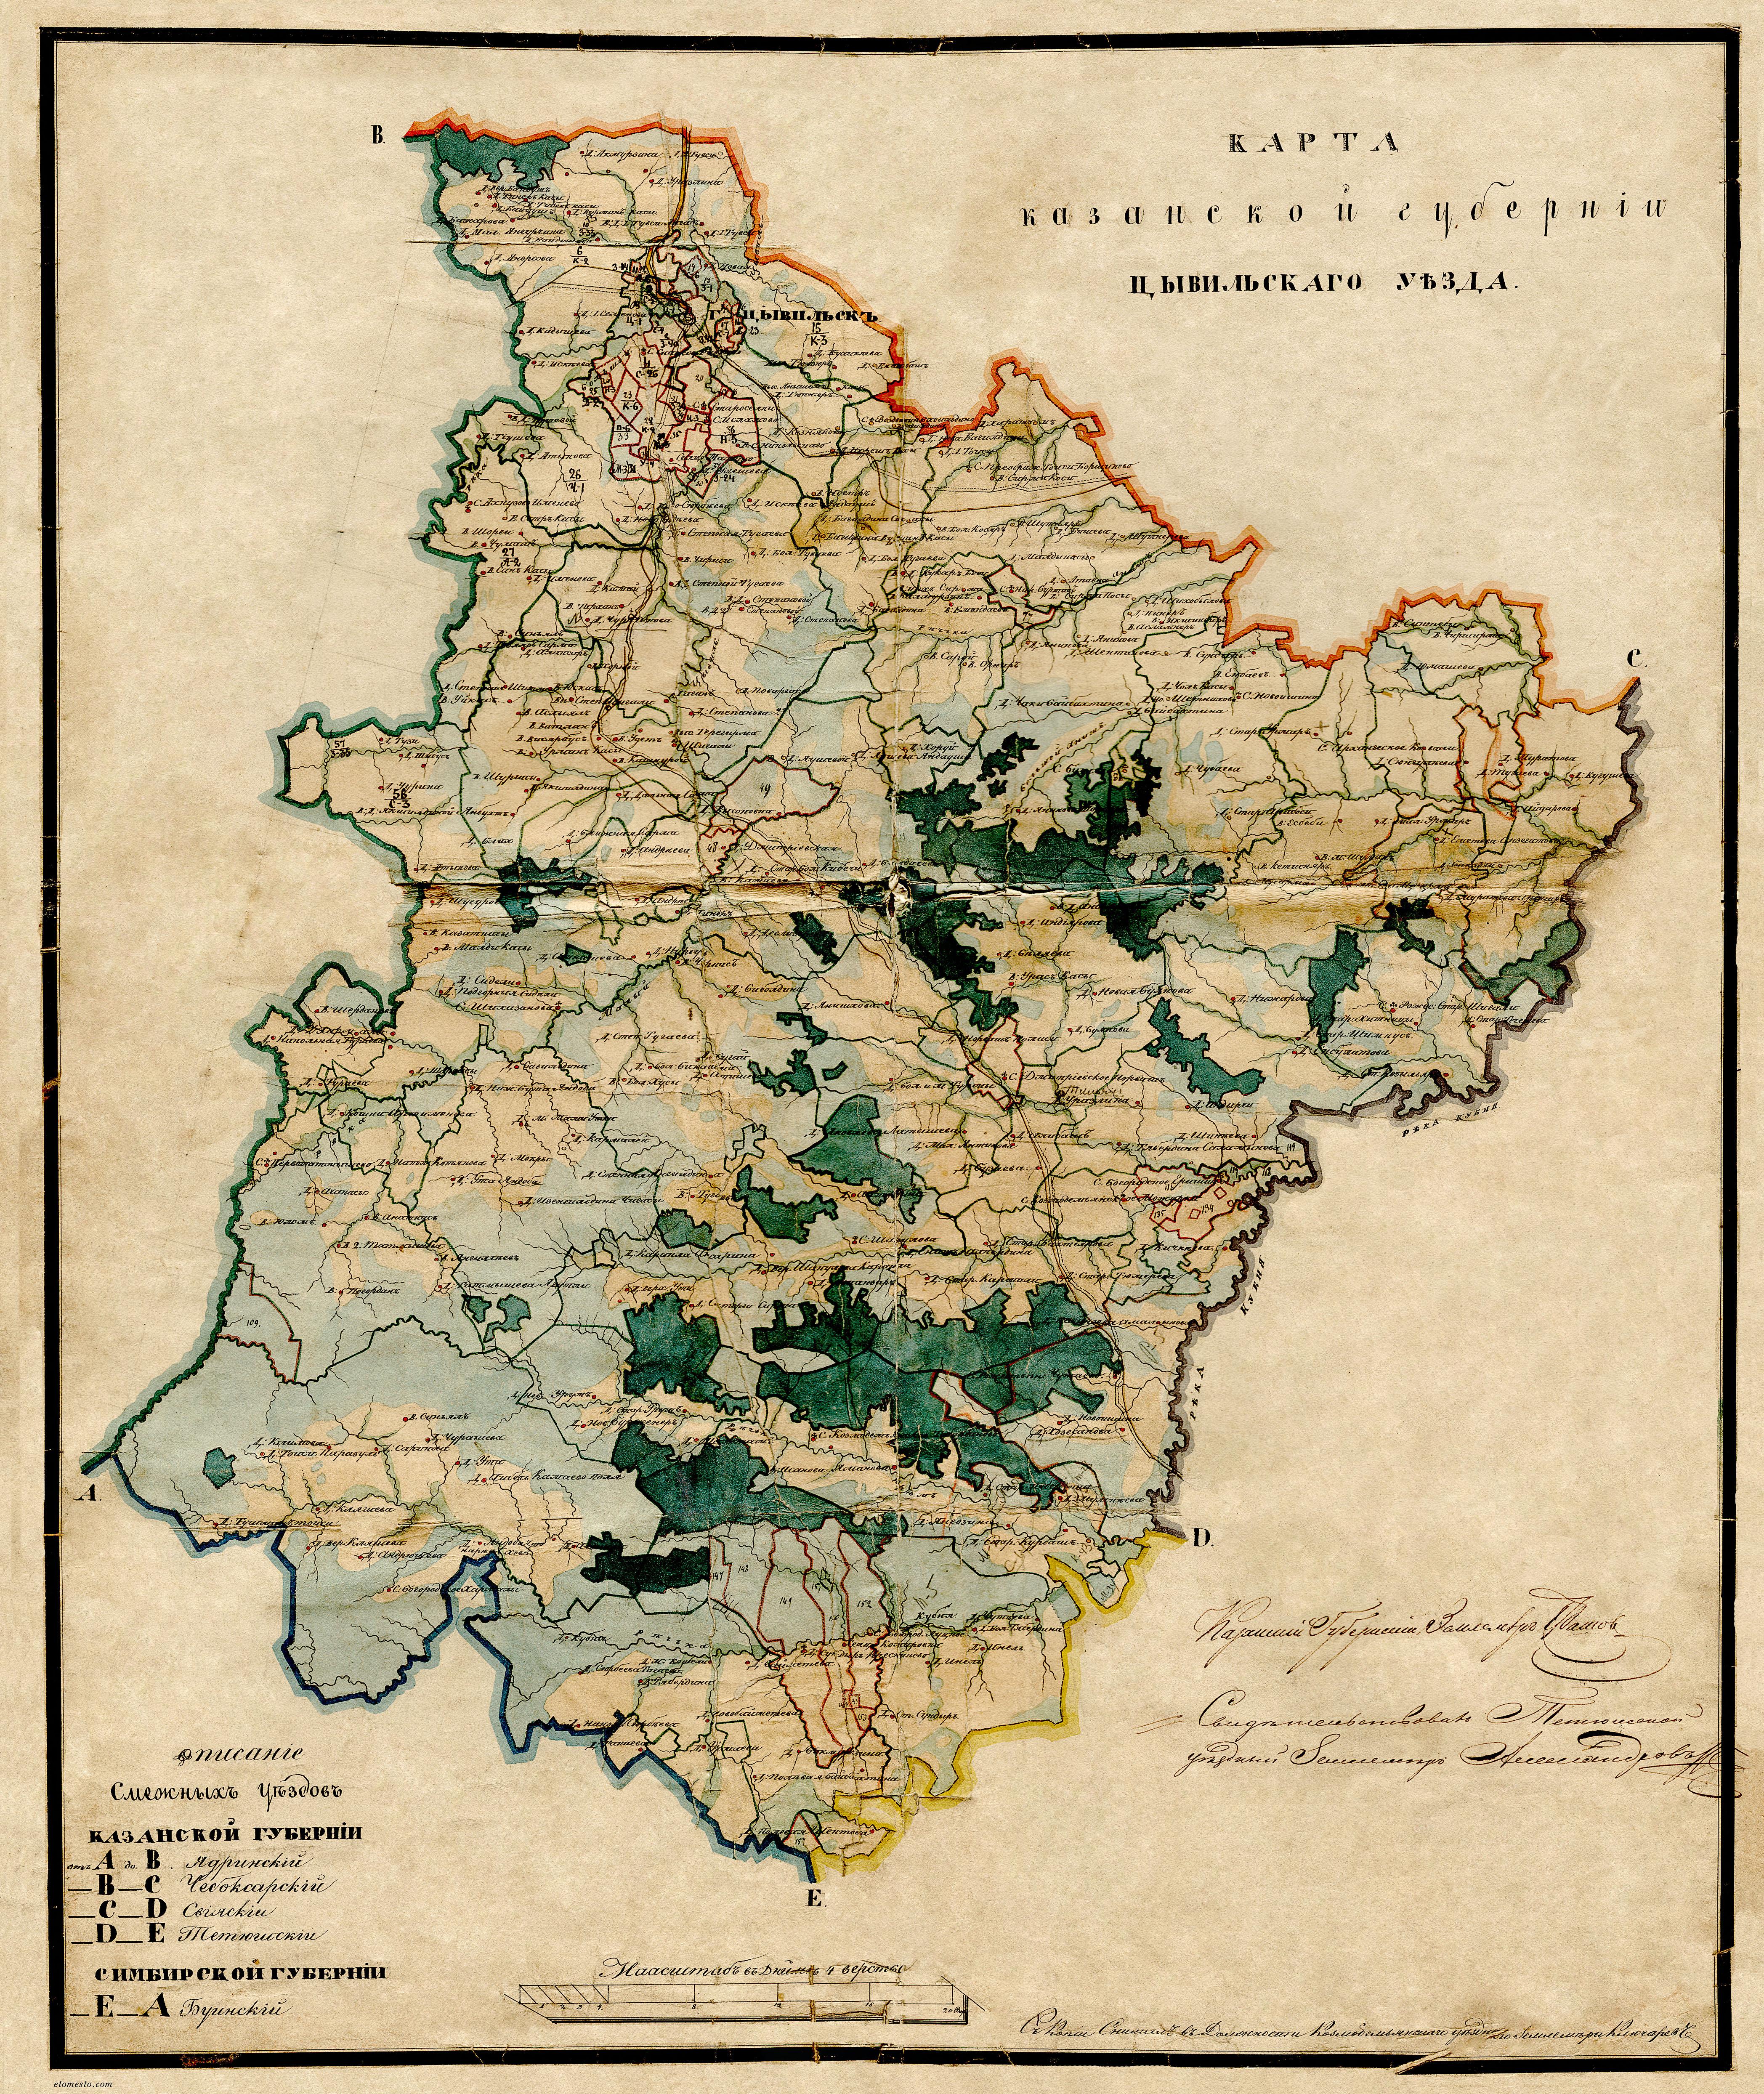 Карта Цивильского уезда Казанской губернии скачать: http://www.etomesto.ru/karta2305/